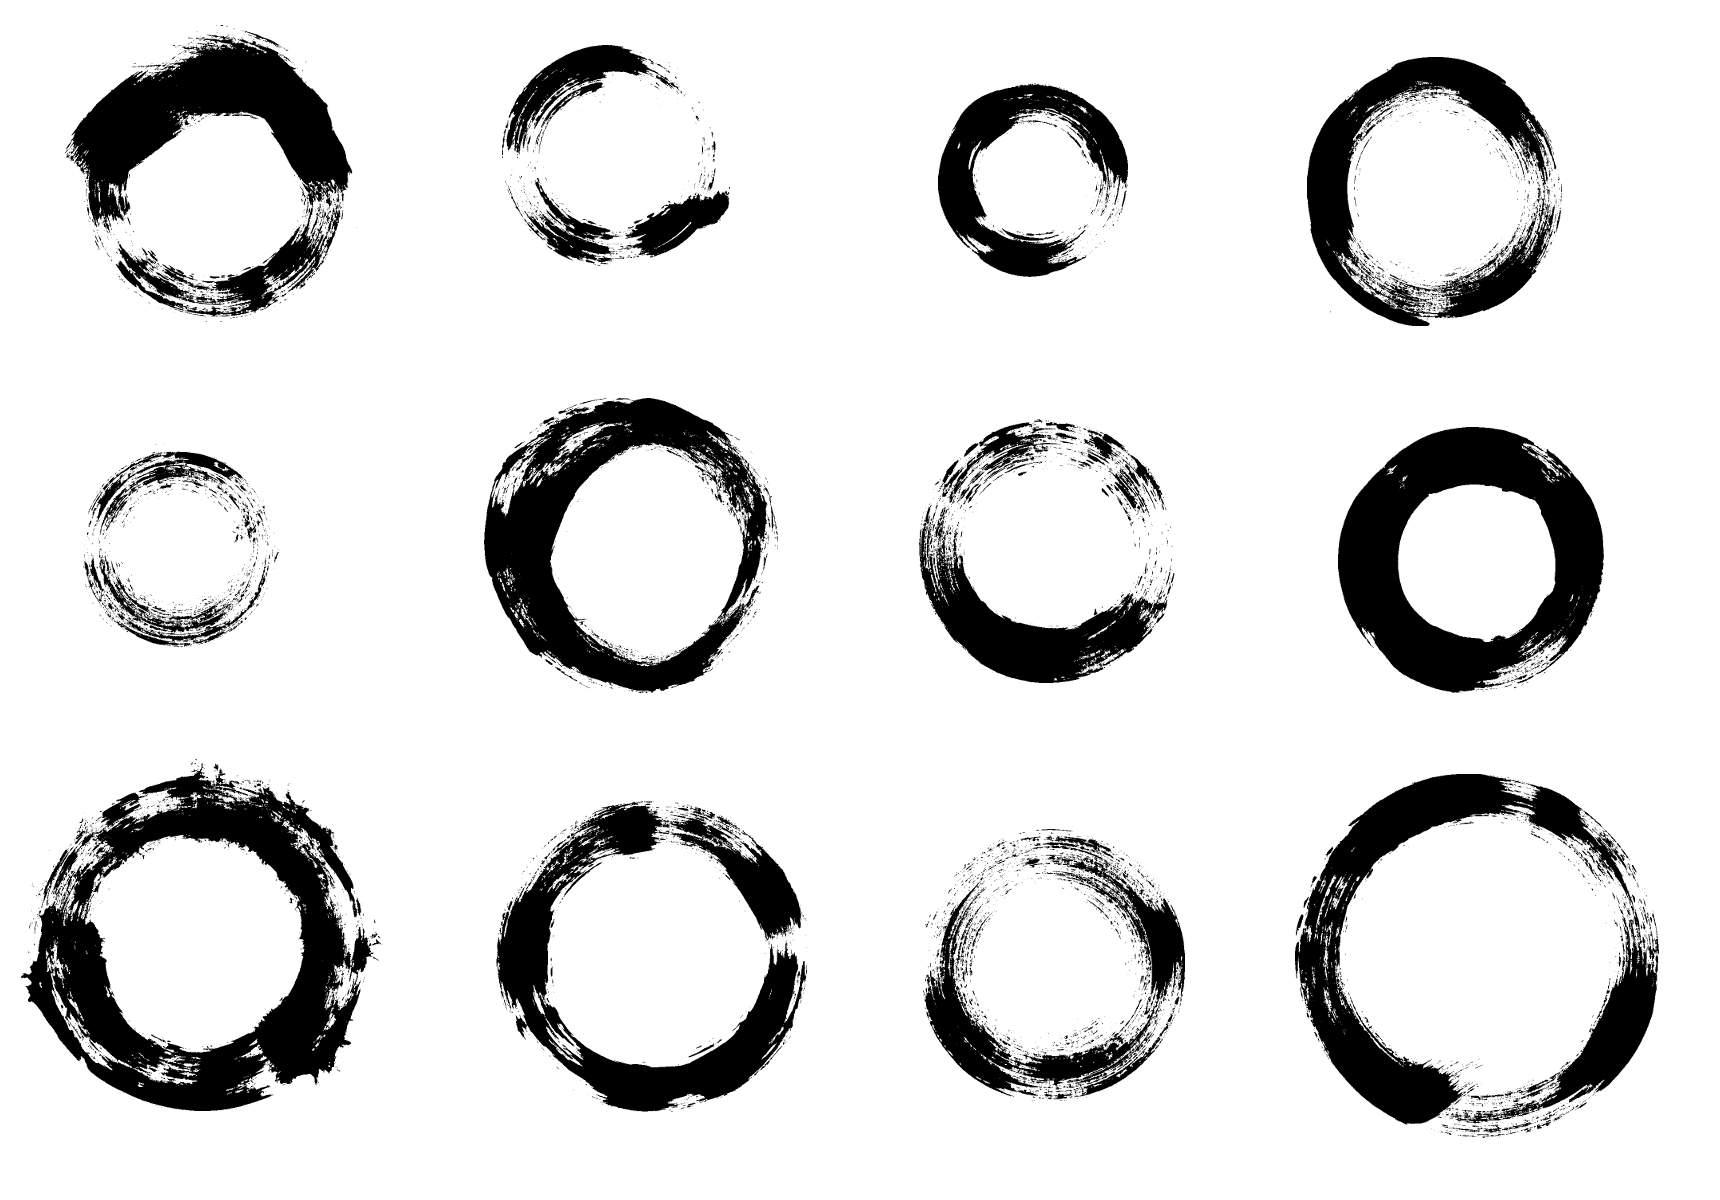 12 Grunge Circle Brush Stroke Transparent